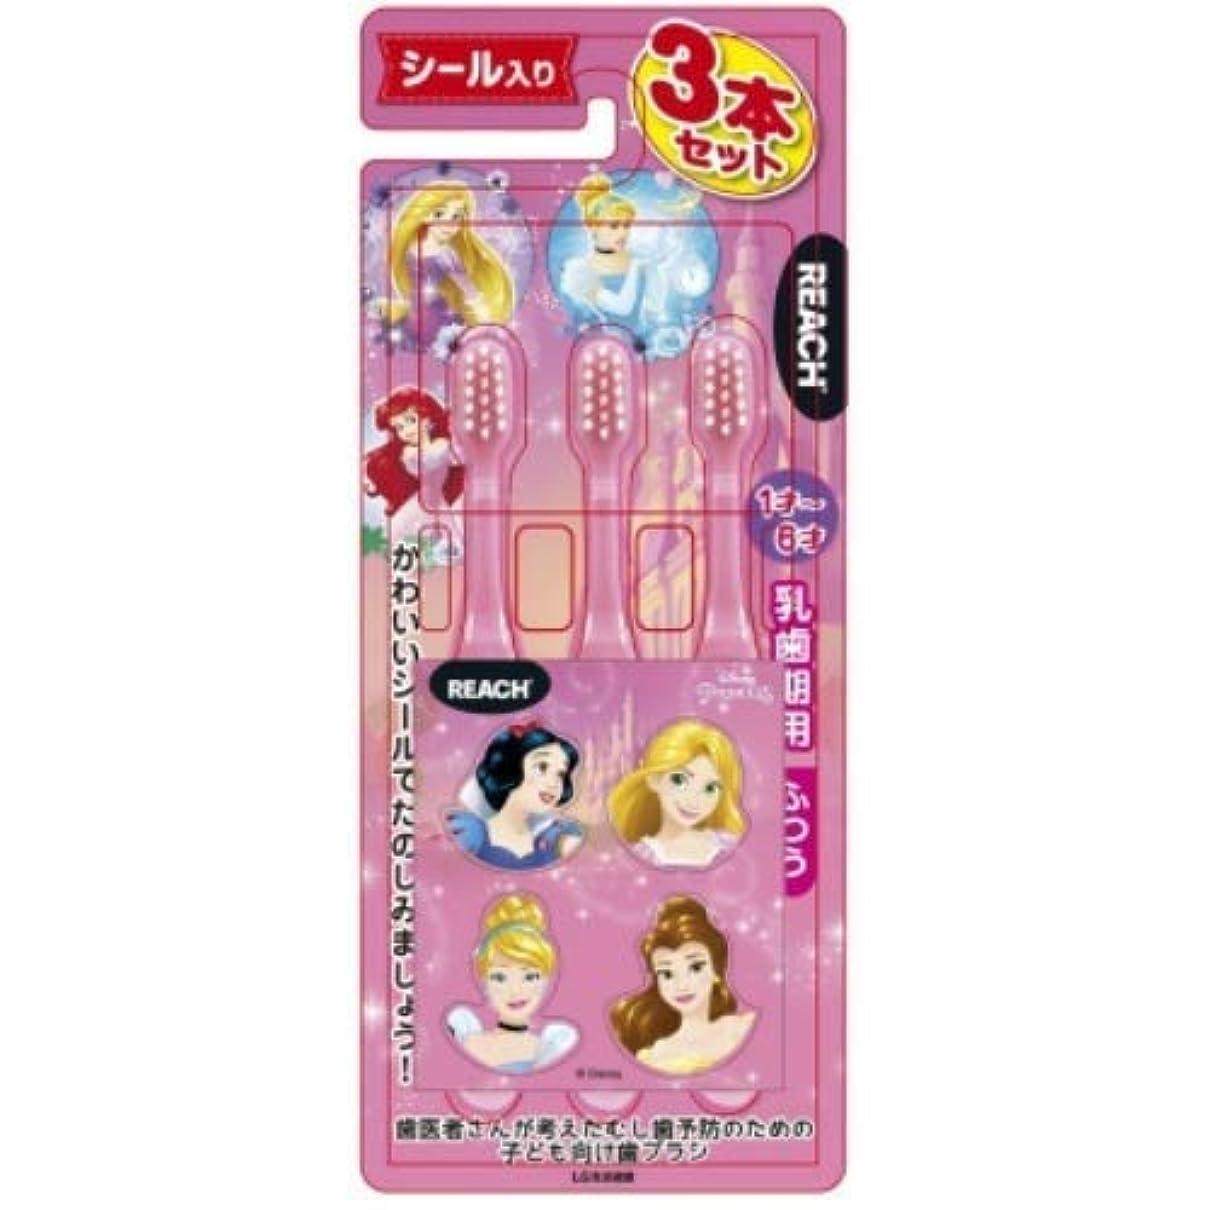 花動球状リーチキッズ3本(シール入り) プリンセス 乳歯期用 × 4個セット